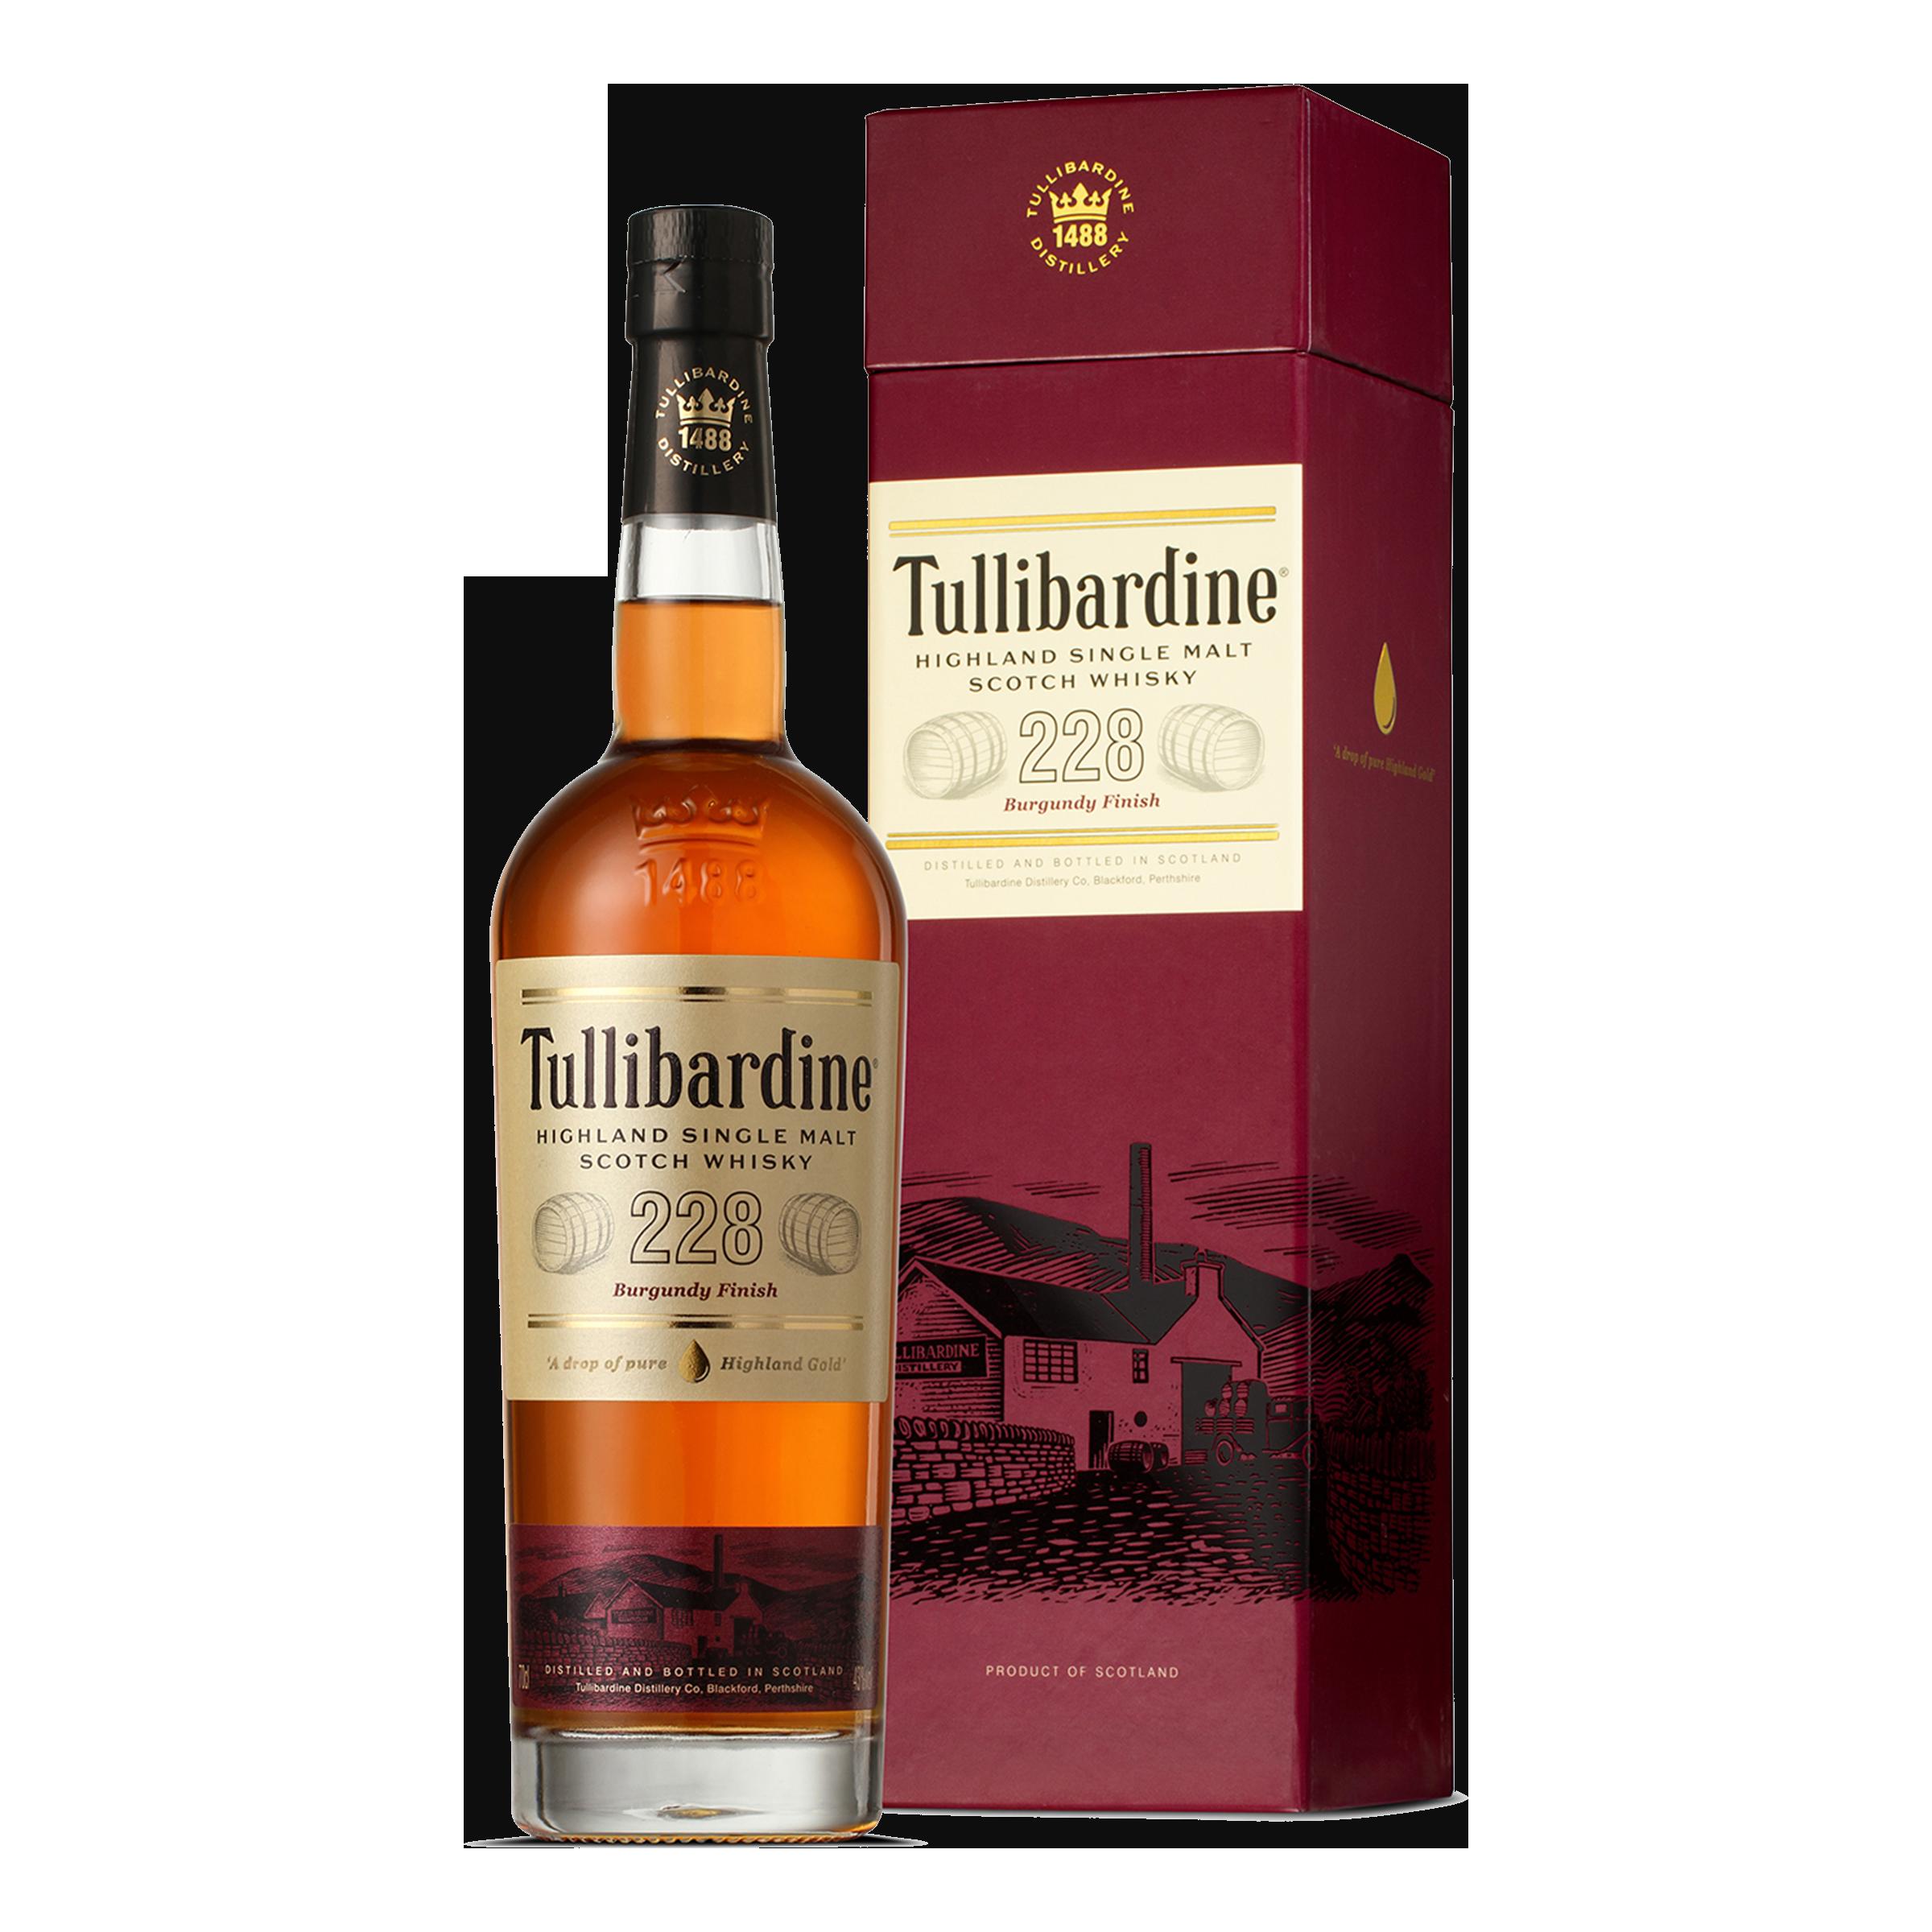 Tullibardine Burgundy Finish 228 700ml Boxed